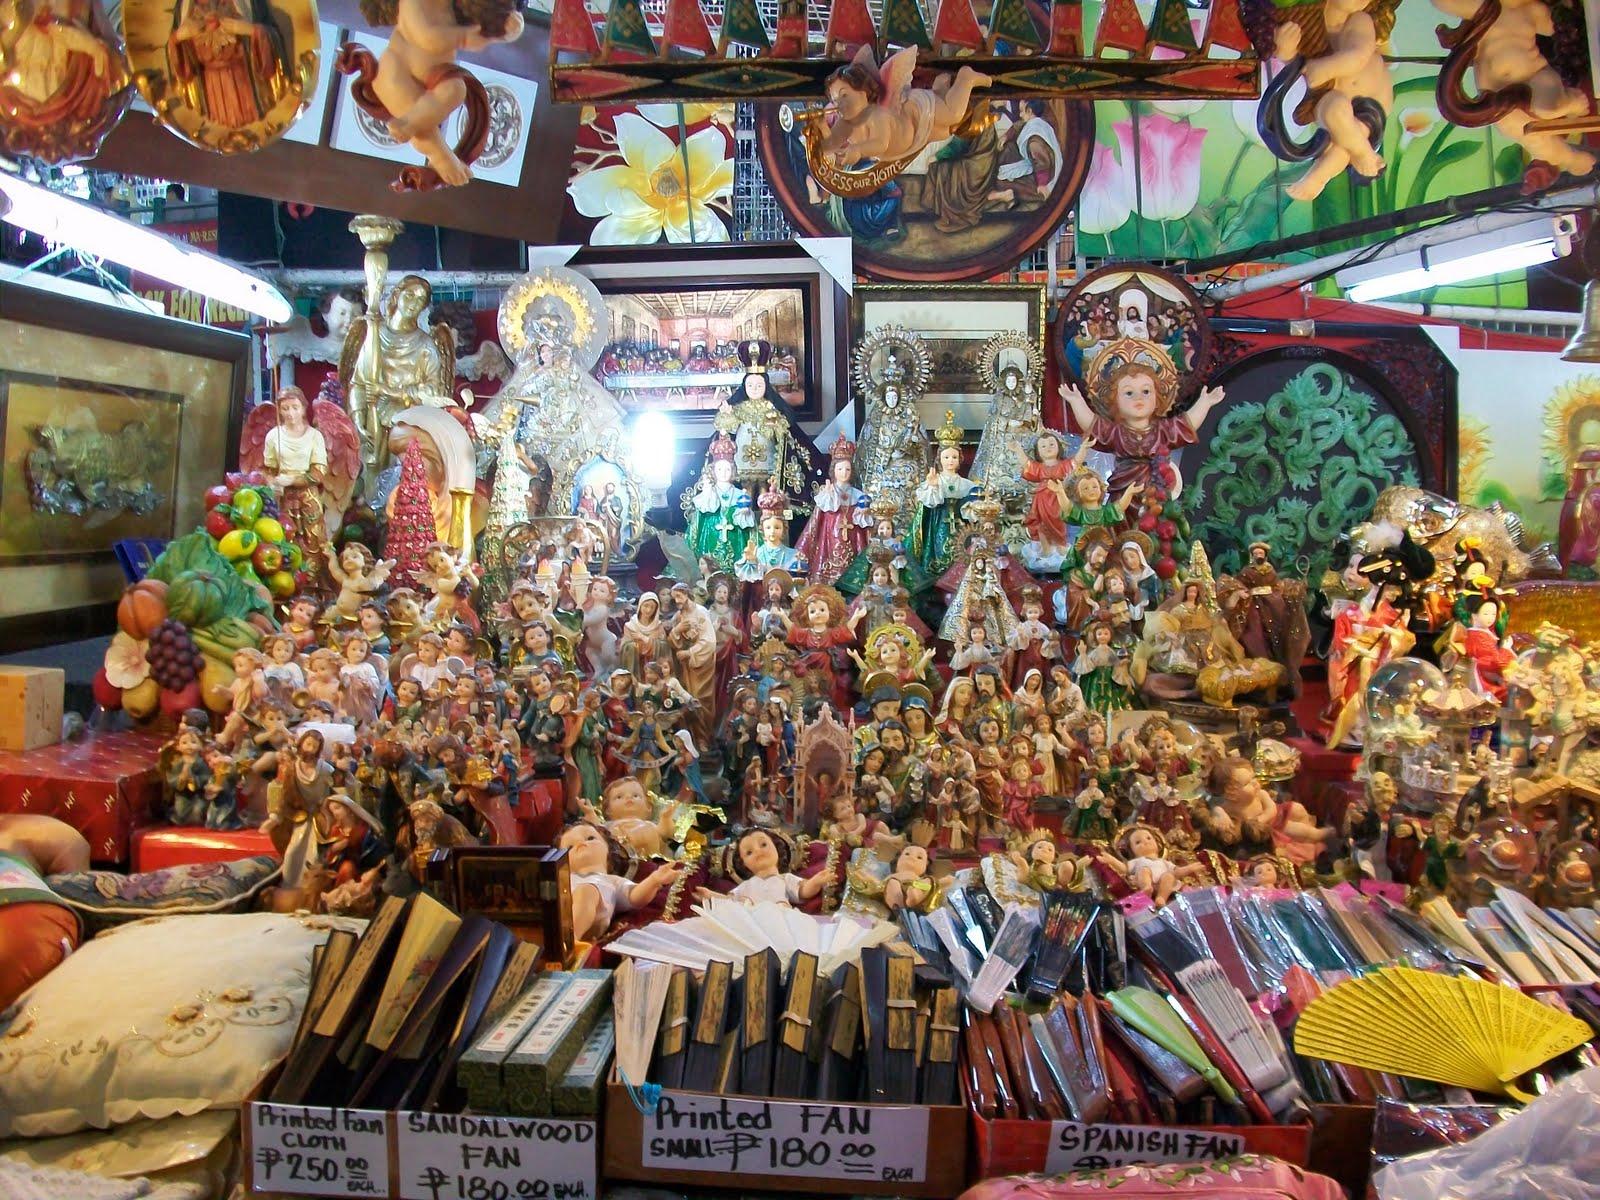 Dan Chak Thailand  city pictures gallery : ... Pasar yang Wajib Dikunjungi Saat ke Bangkok, Thailand Blog Tripvisto